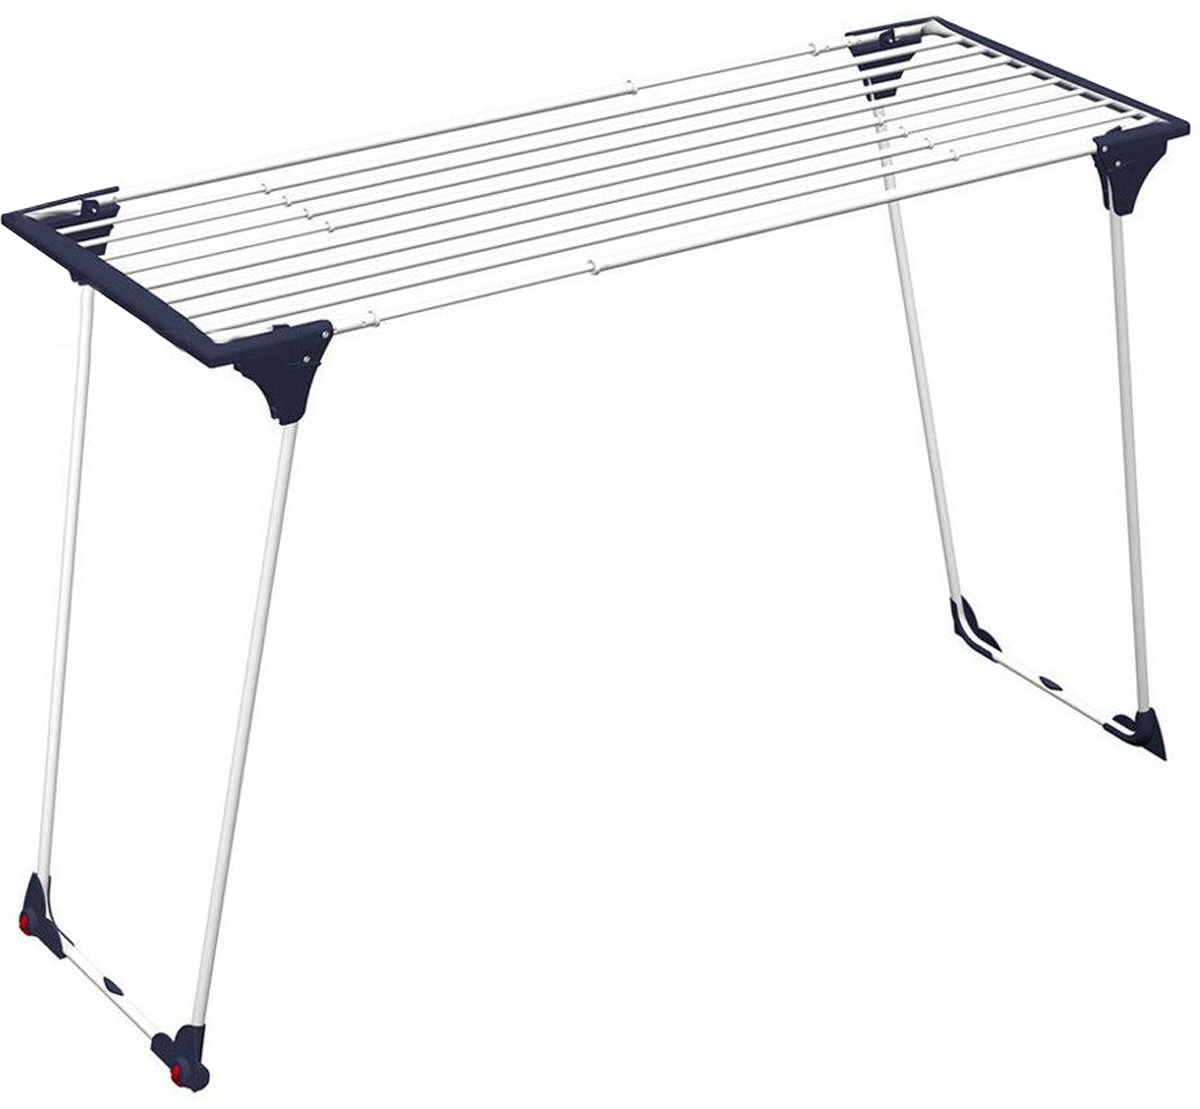 Сушилка напольная Gimi Dinamik 20, 190 см х 57 см х 100 смIR-F1-WСушилка напольная Gimi Dinamik 20 проста и удобна в использовании, компактно складывается, экономя место в Вашей квартире. Сушилку можно использовать на балконе или дома. Сушилка оснащена выдвижными створками для сушки одежды во всю длину, а также имеет специальные пластиковые крепления в основе стоек, которые не царапают пол. Рабочая поверхность от 20 до 28 м. Раздвигается (от 110 до 190 см) с помощью телескопических направляющих. Позволяет свободно развесить как большие простыни, так и белье небольшого размера. Характеристики: Материал: окрашенная сталь, пластик. Размер сушилки: 190 см х 57 см х 100 см. Размер упаковки: 57 см х 9 см х 117 см.